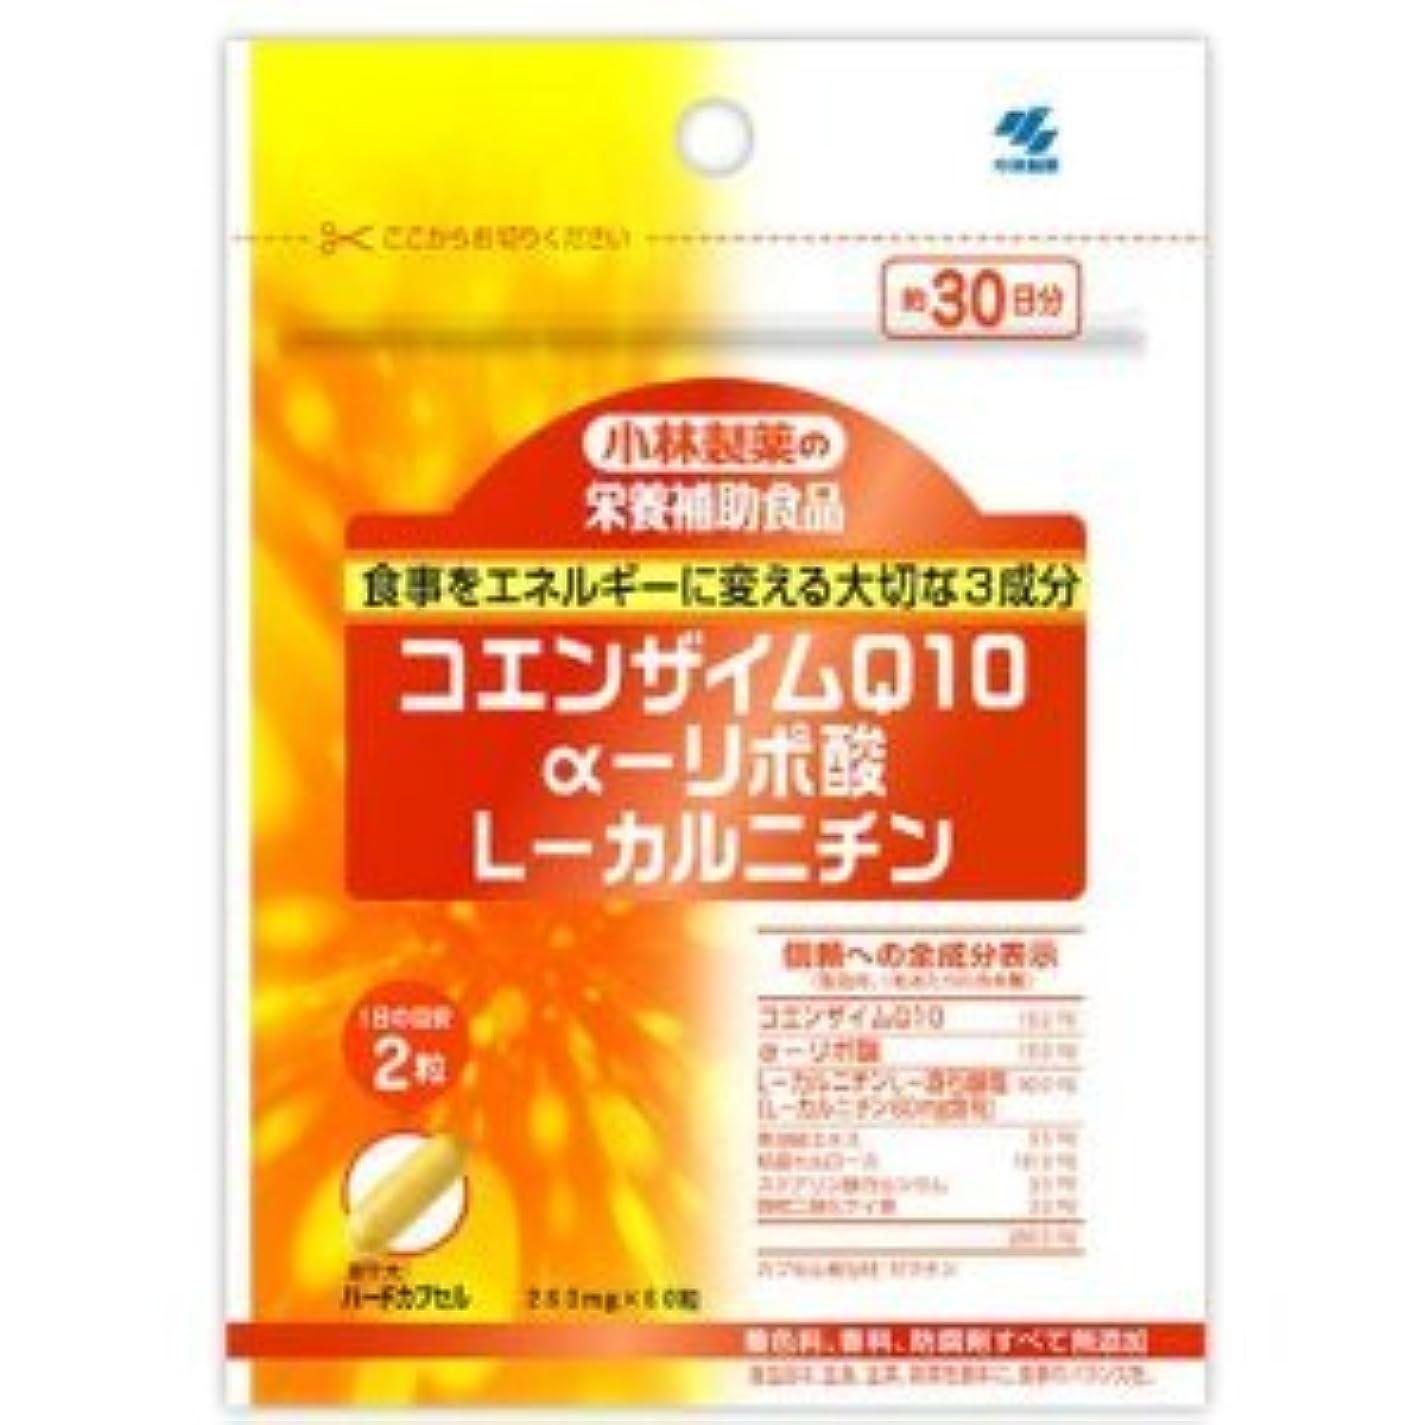 マット倒錯民間人小林製薬の栄養補助食品 コエンザイムQ10 αリポ酸 L-カルニチン 60粒 3個セット